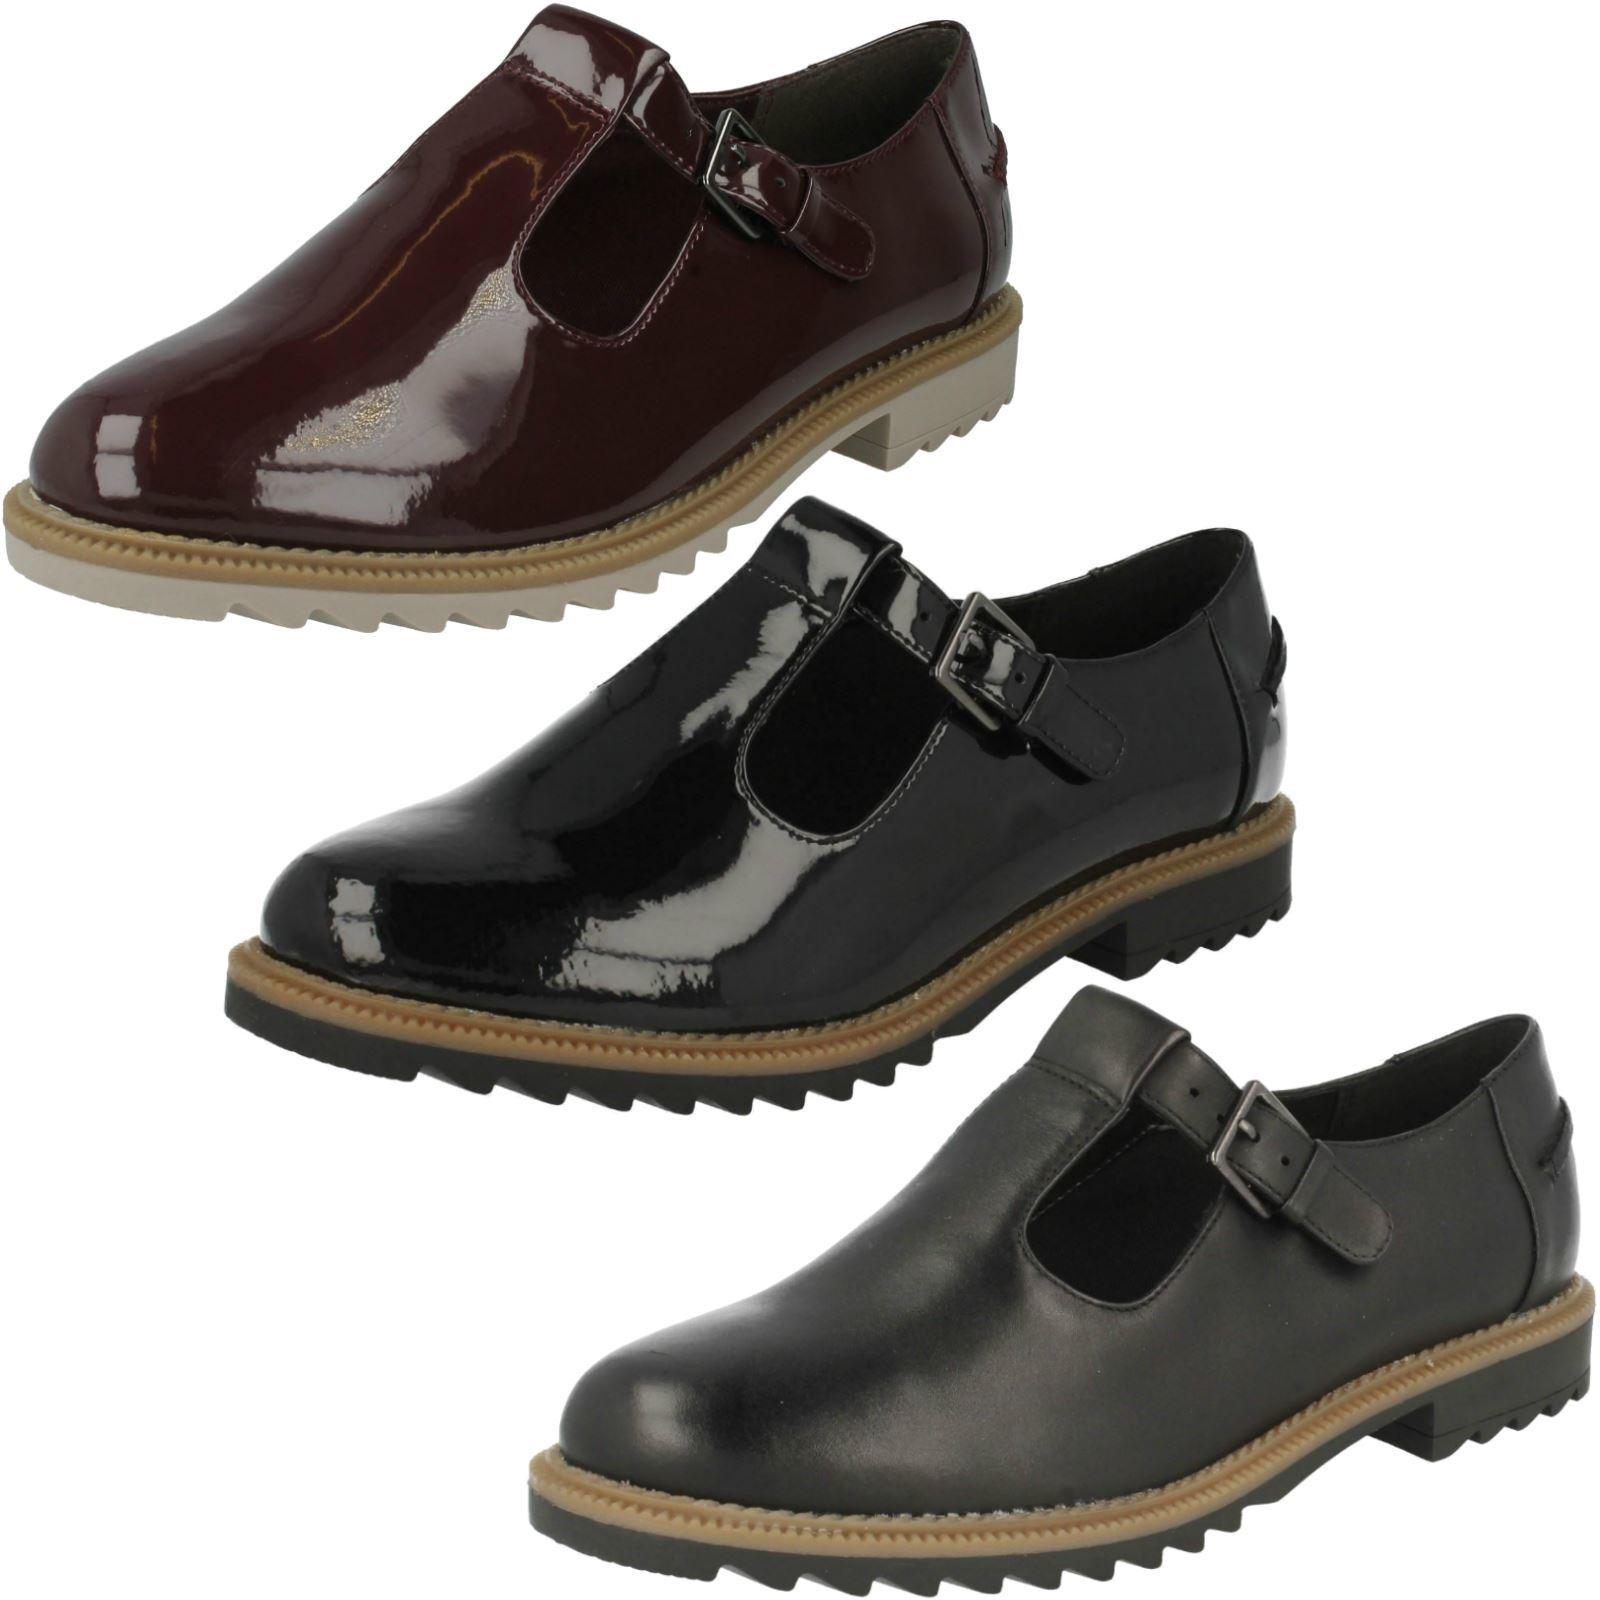 Damas Clarks Zapatos Planos Hebilla T-Bar    Griffin Monty'  para barato